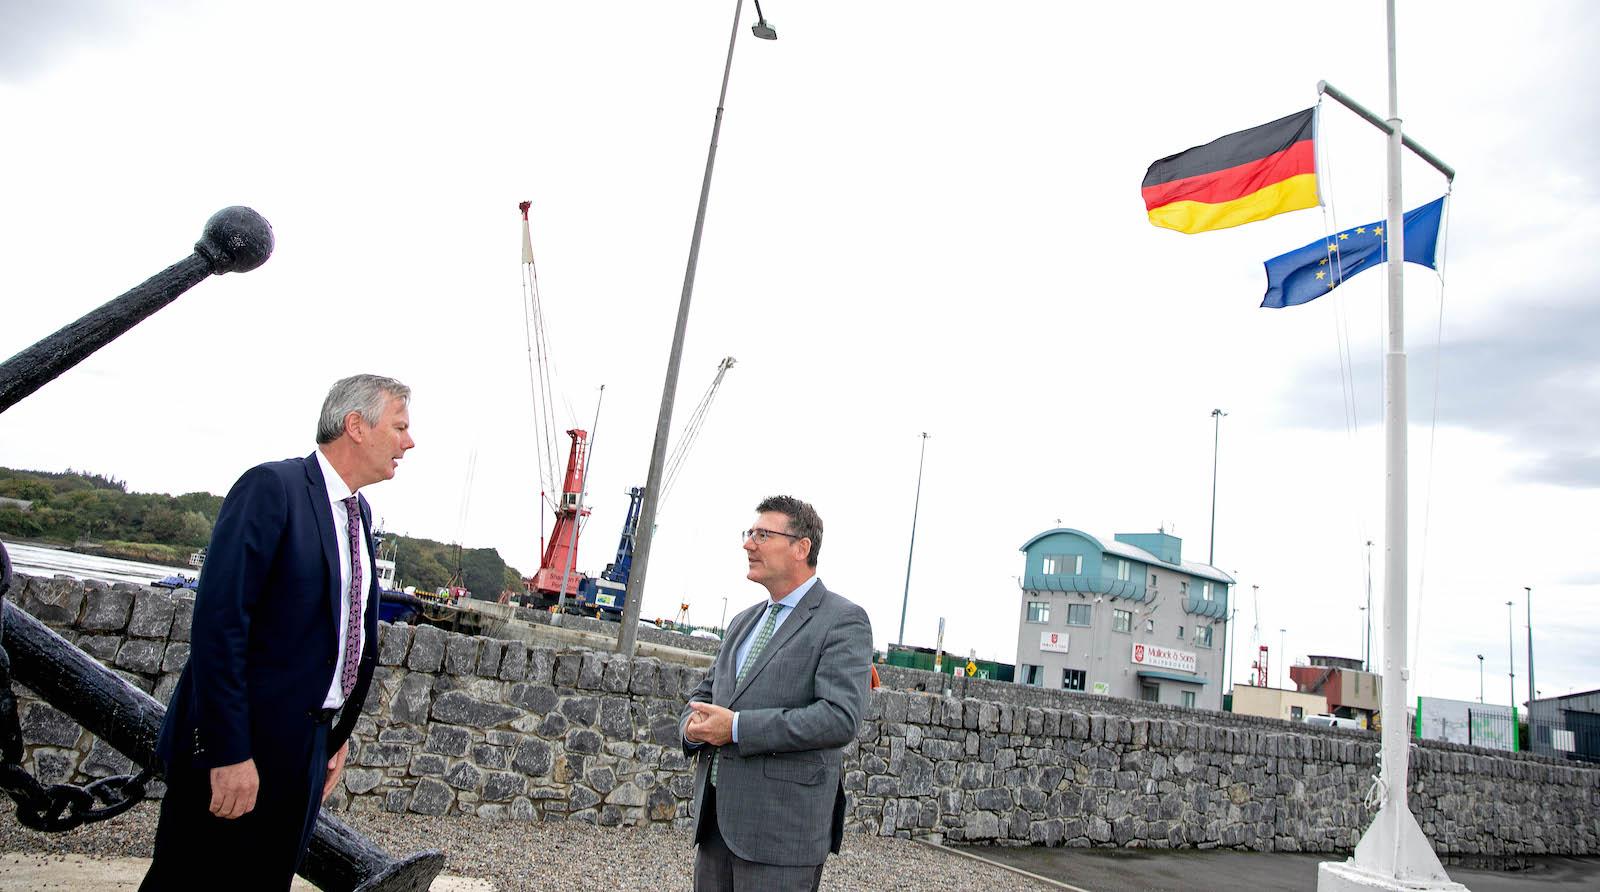 Dr Stefan Kaufmann Dr Stefan Kaufmann pictured above on right, meets Pat Keating, CEO Shannon Foynes Port Company. Picture: Arthur Ellis